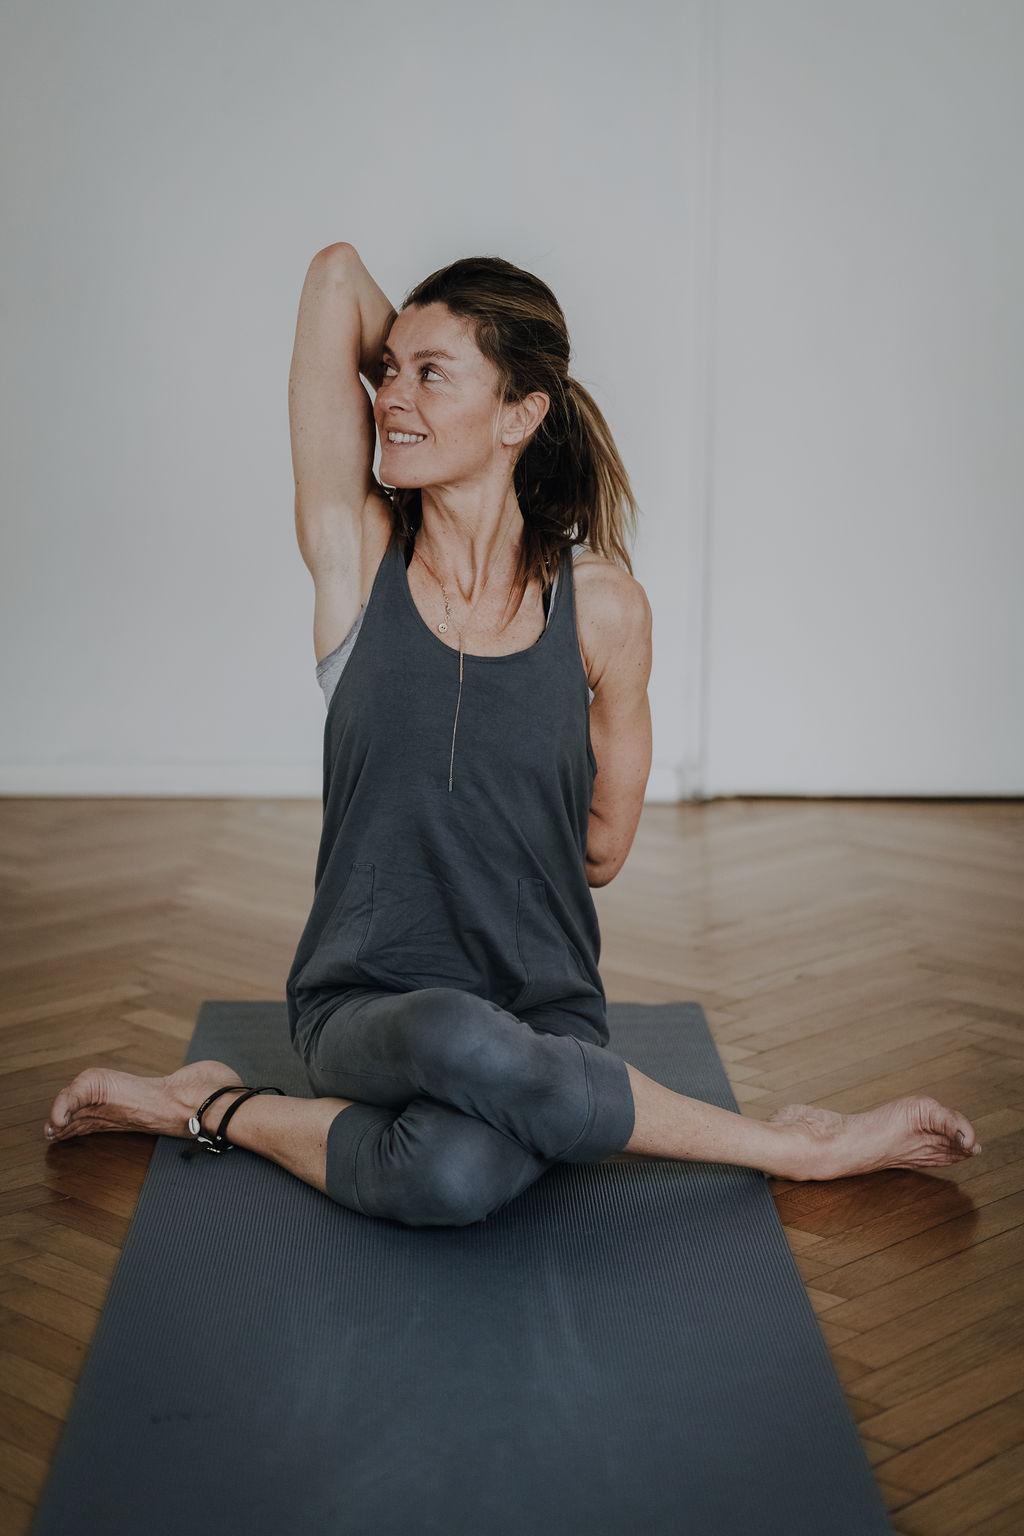 Katonah Yoga mit Nicole Natter